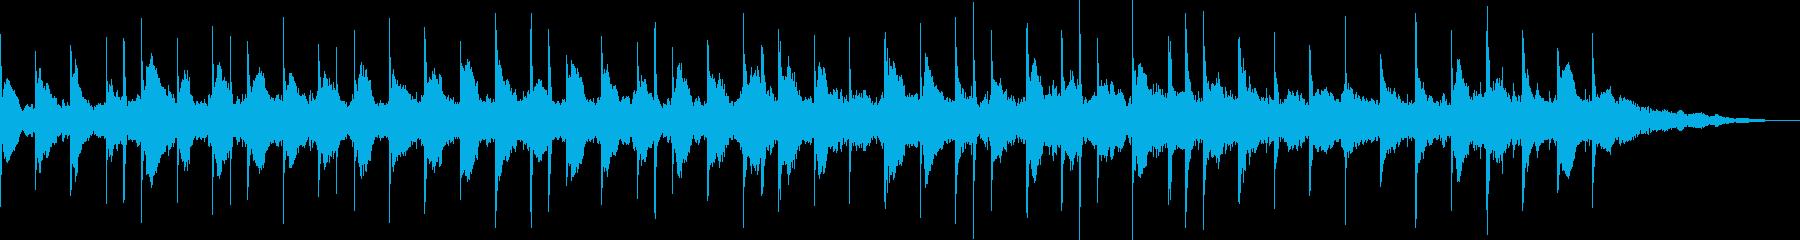 ファンタジックな雰囲気の場面転換的楽曲の再生済みの波形